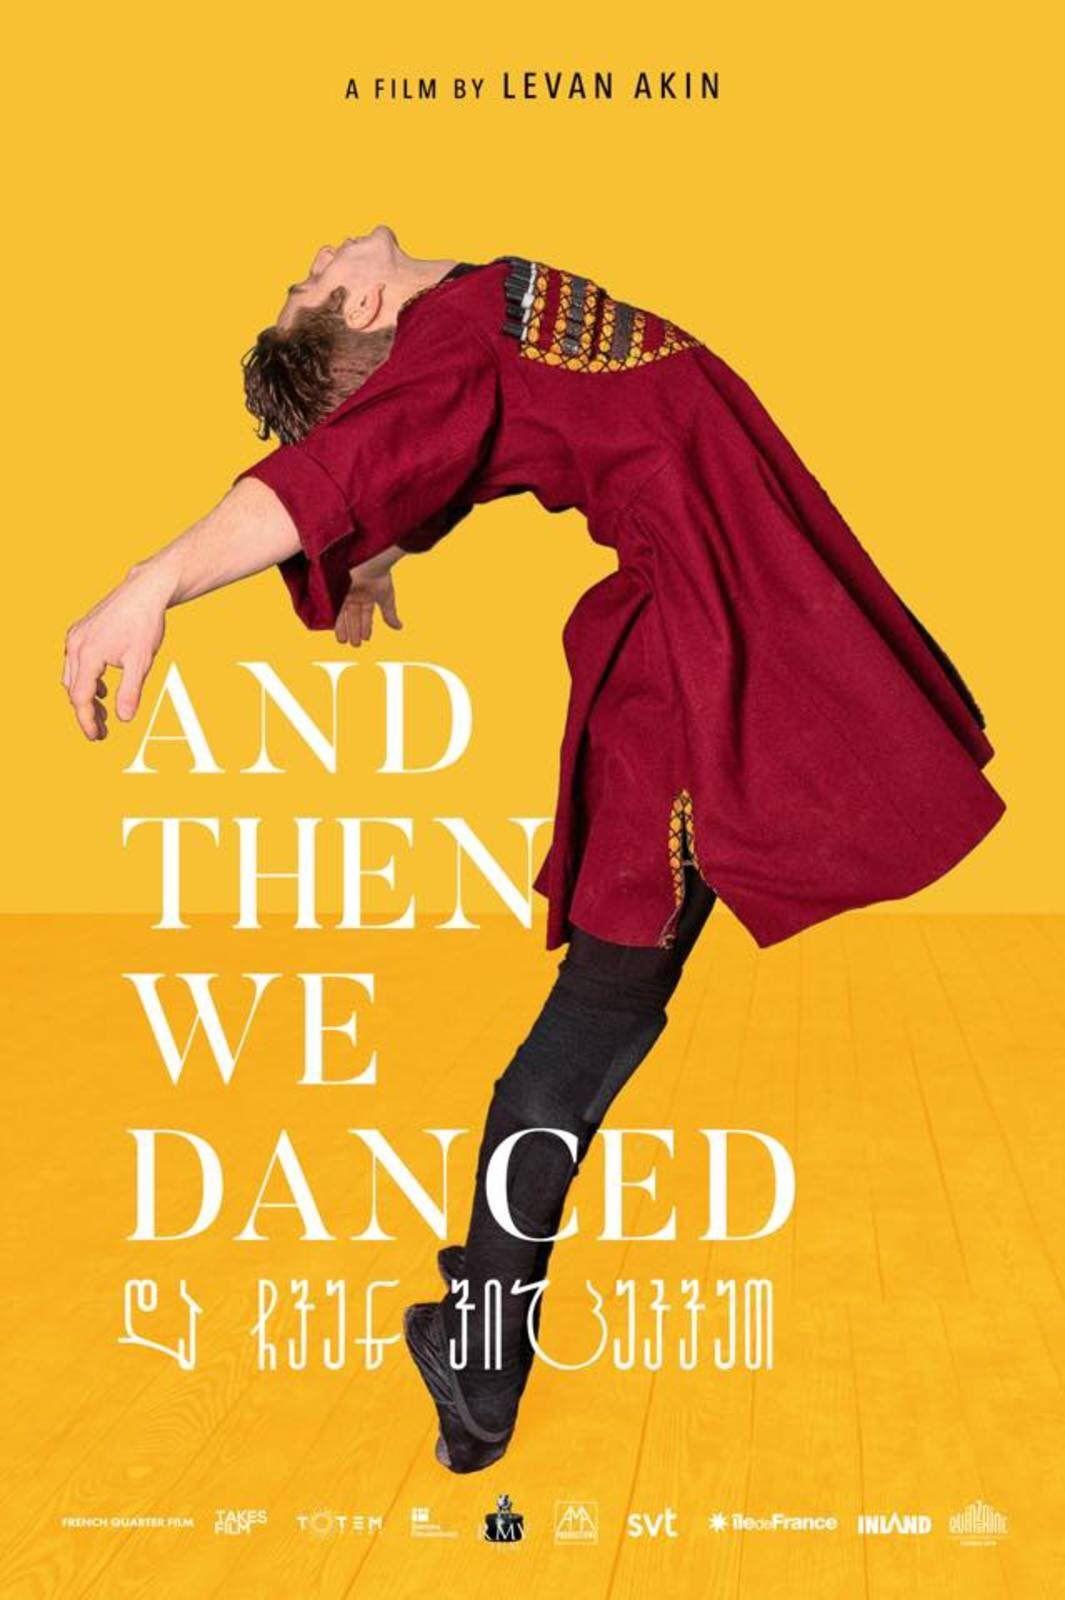 And Then We Danced 2019 De Levan Akin Film Izleme Kitap